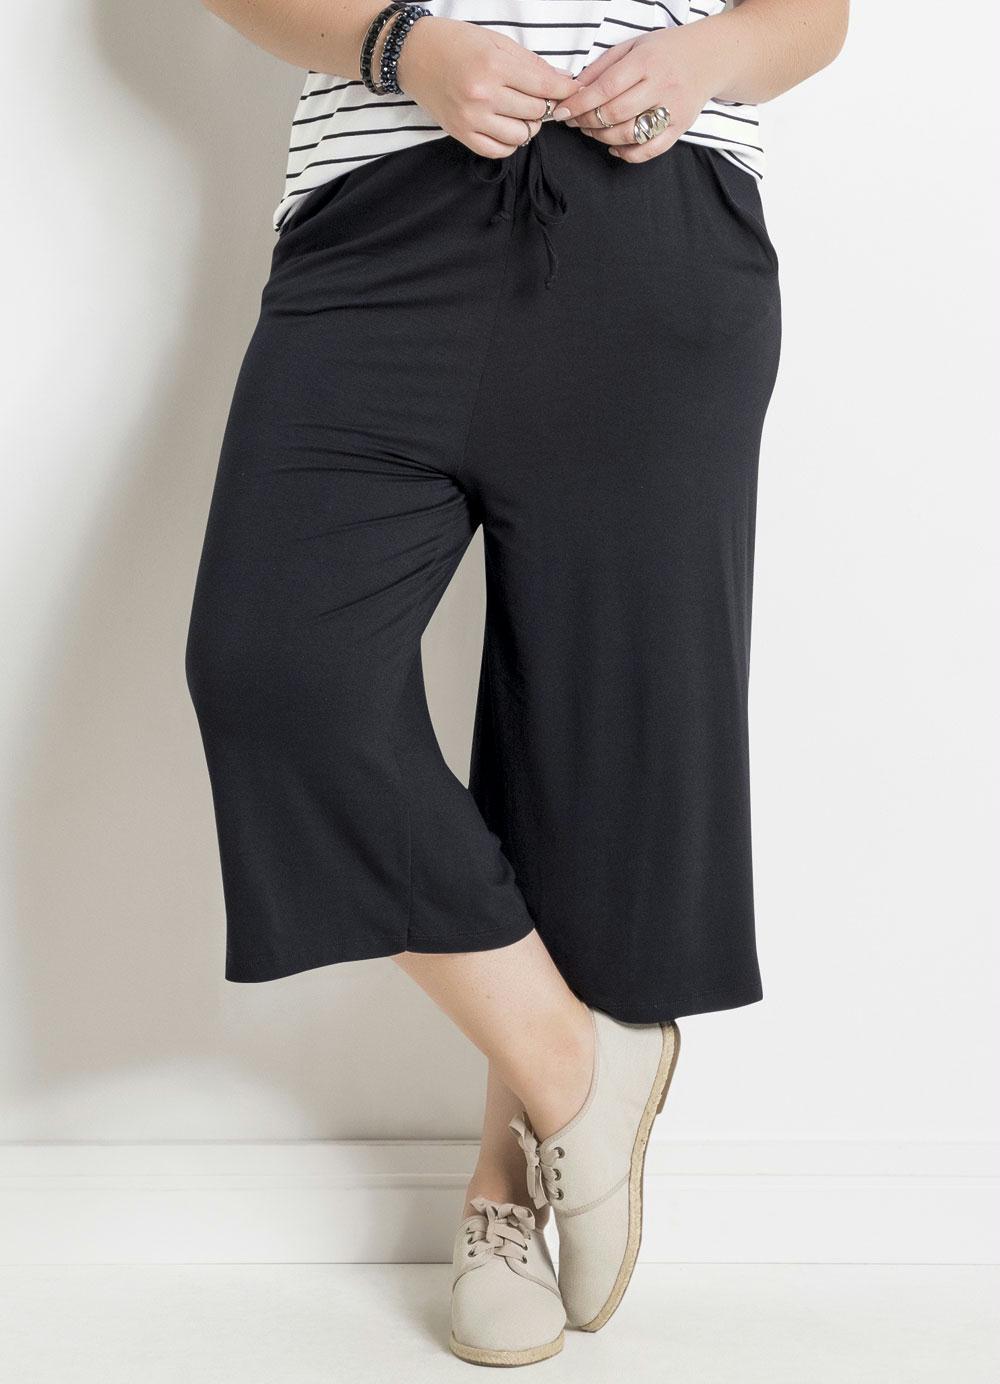 b5df98649a9dc4 Compre vestidos, blusas e acessórios no Portal Posthaus em até 5X sem juros.